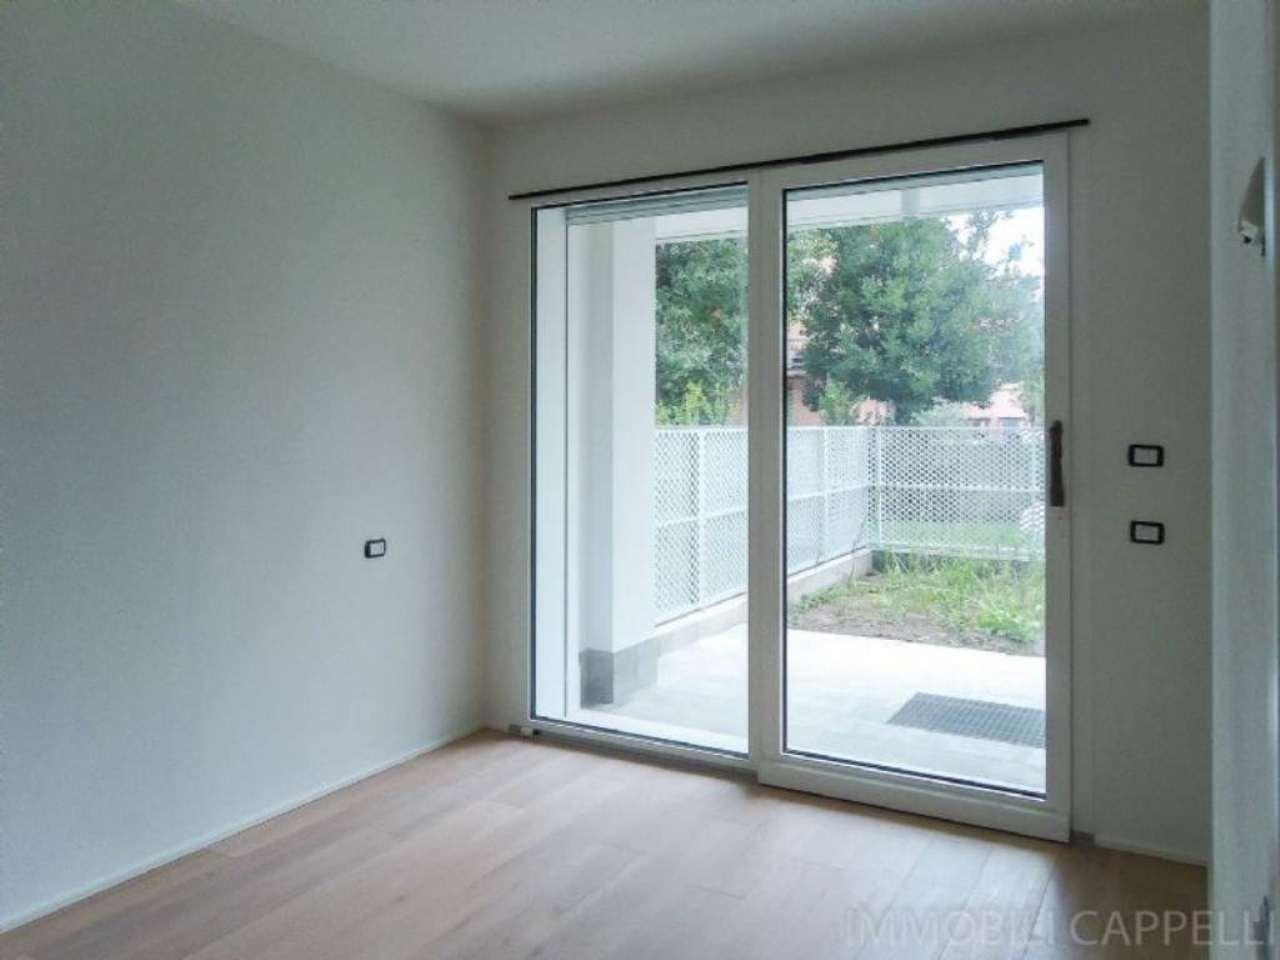 Appartamento in vendita a Cesena, 3 locali, Trattative riservate | CambioCasa.it